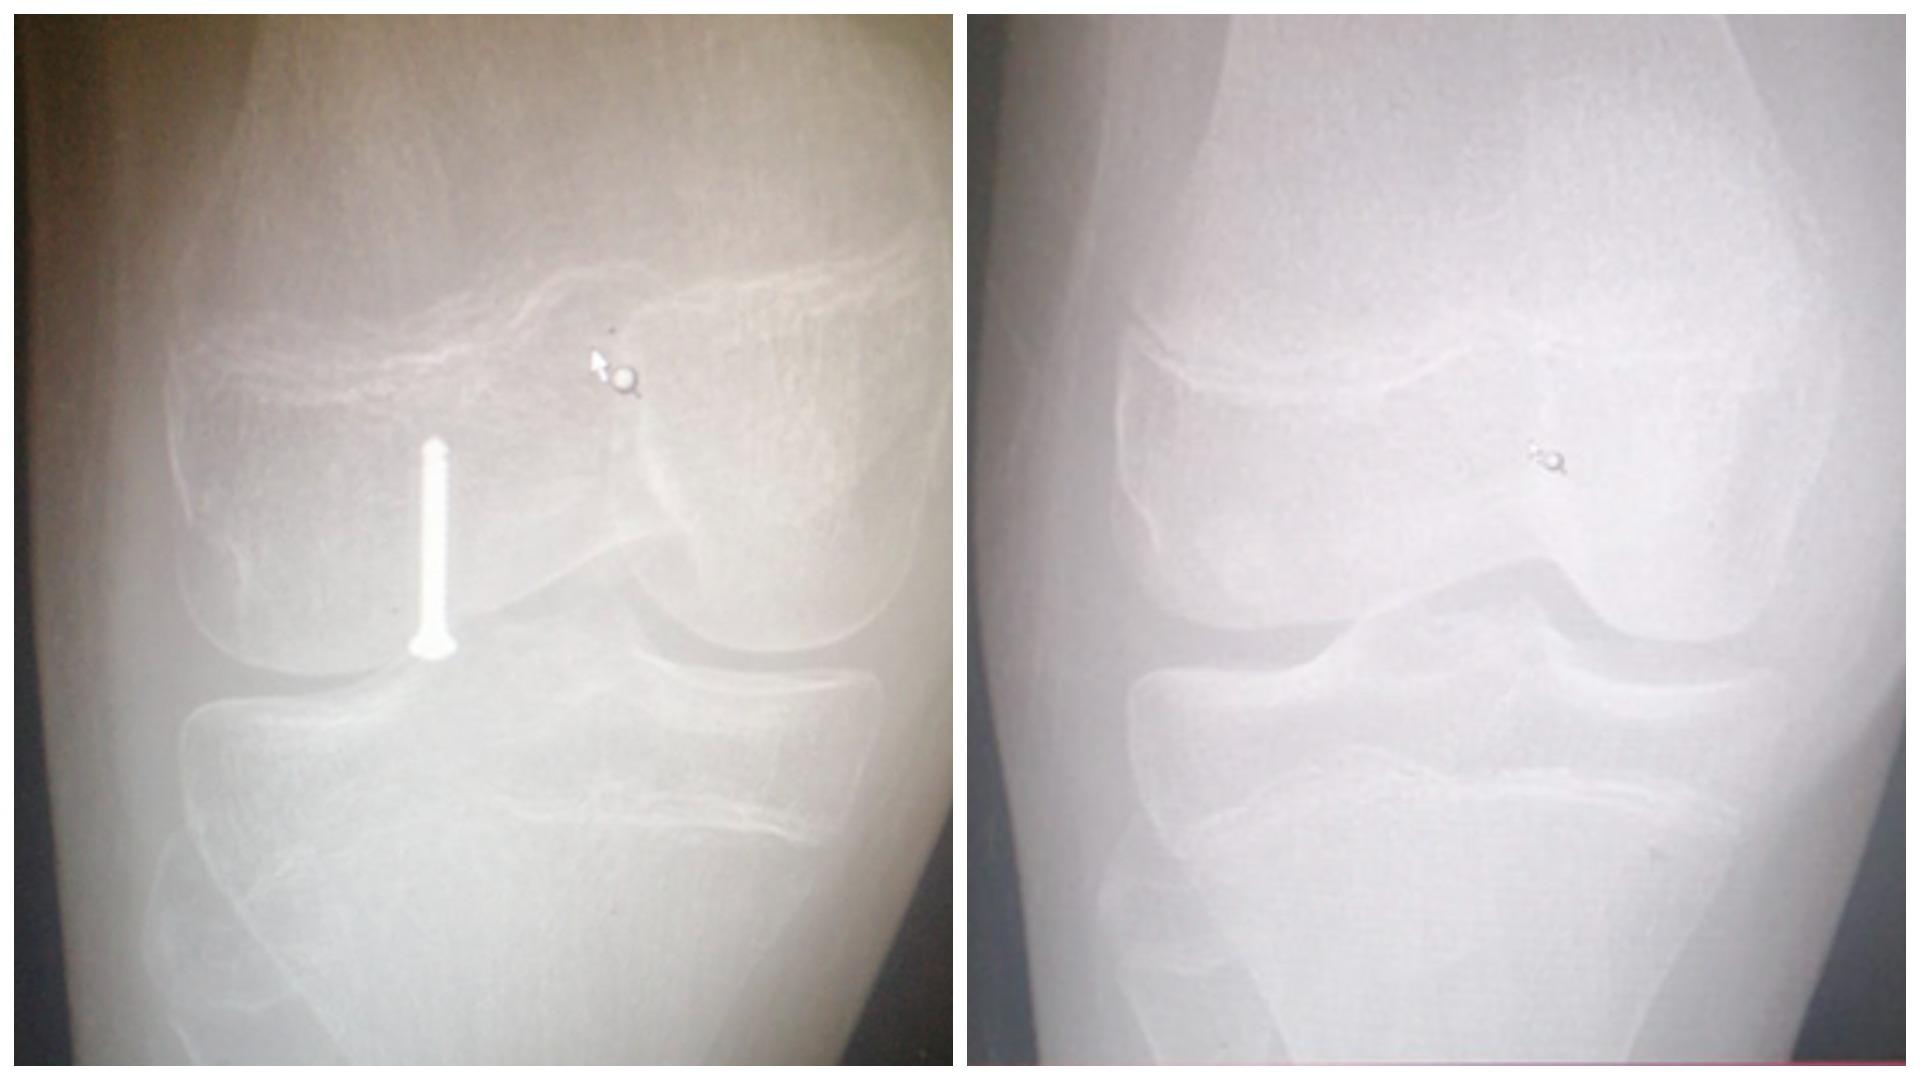 نجاح عملية تثبيت كسر في الركبة بواسطة المنظار الجراحي بمستشفى بريدة المركزي